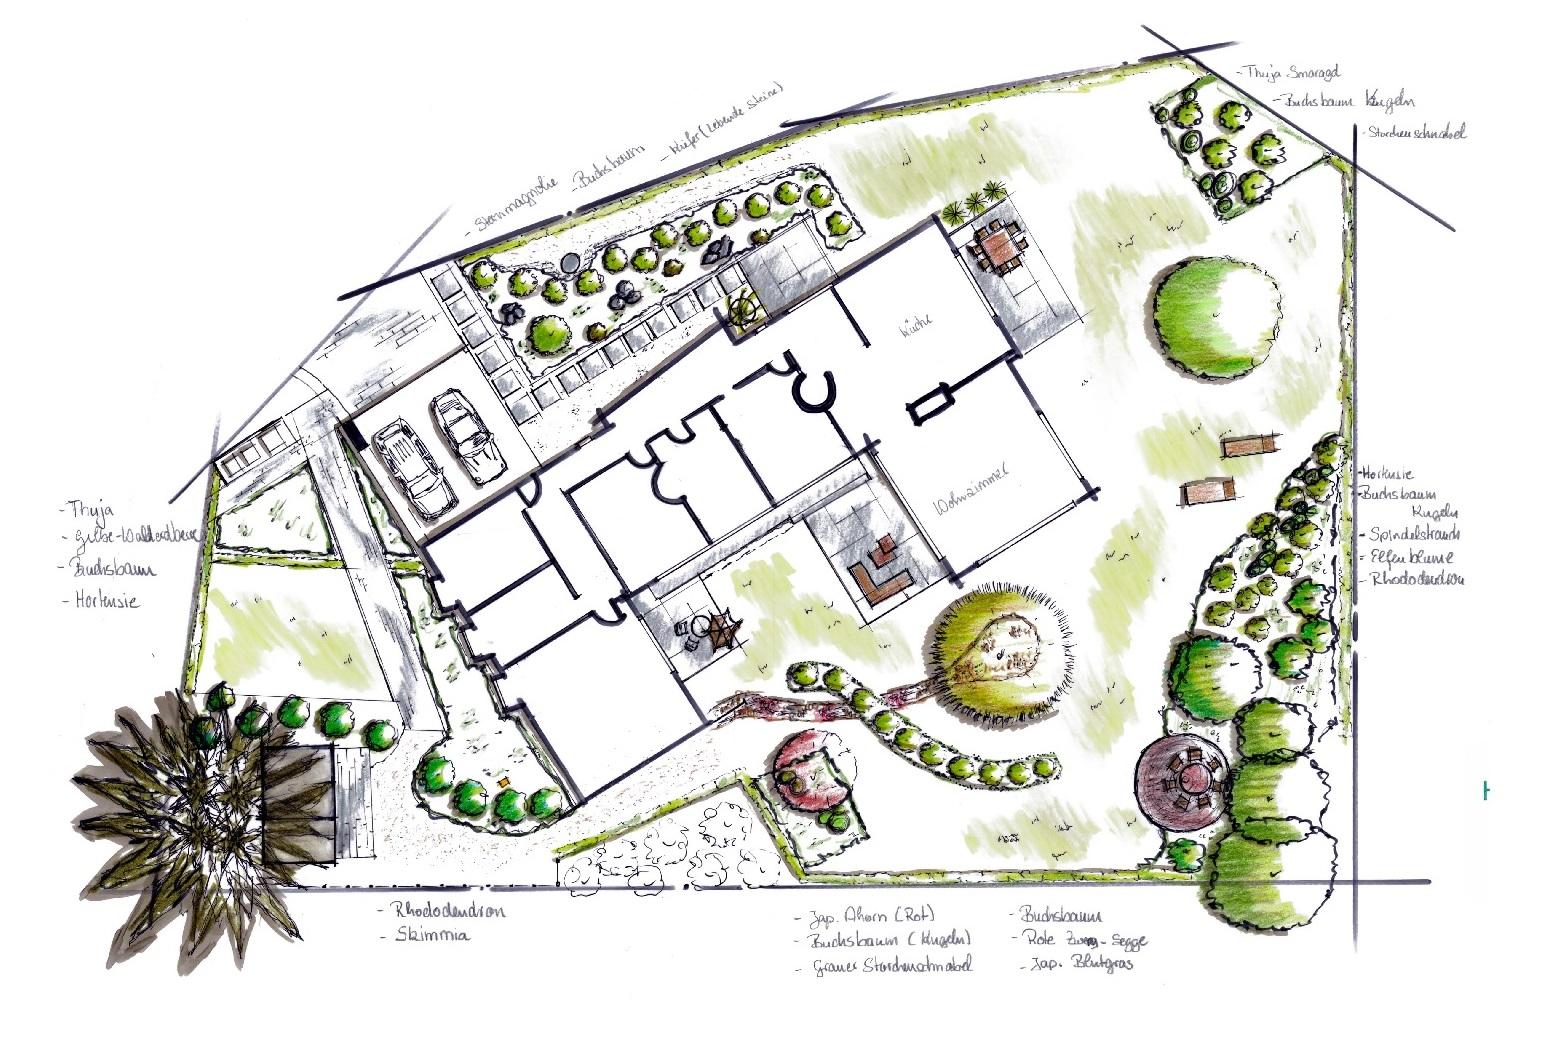 Privatgarten, Bendestorf, Einzigartig Grün, Heike Martensen